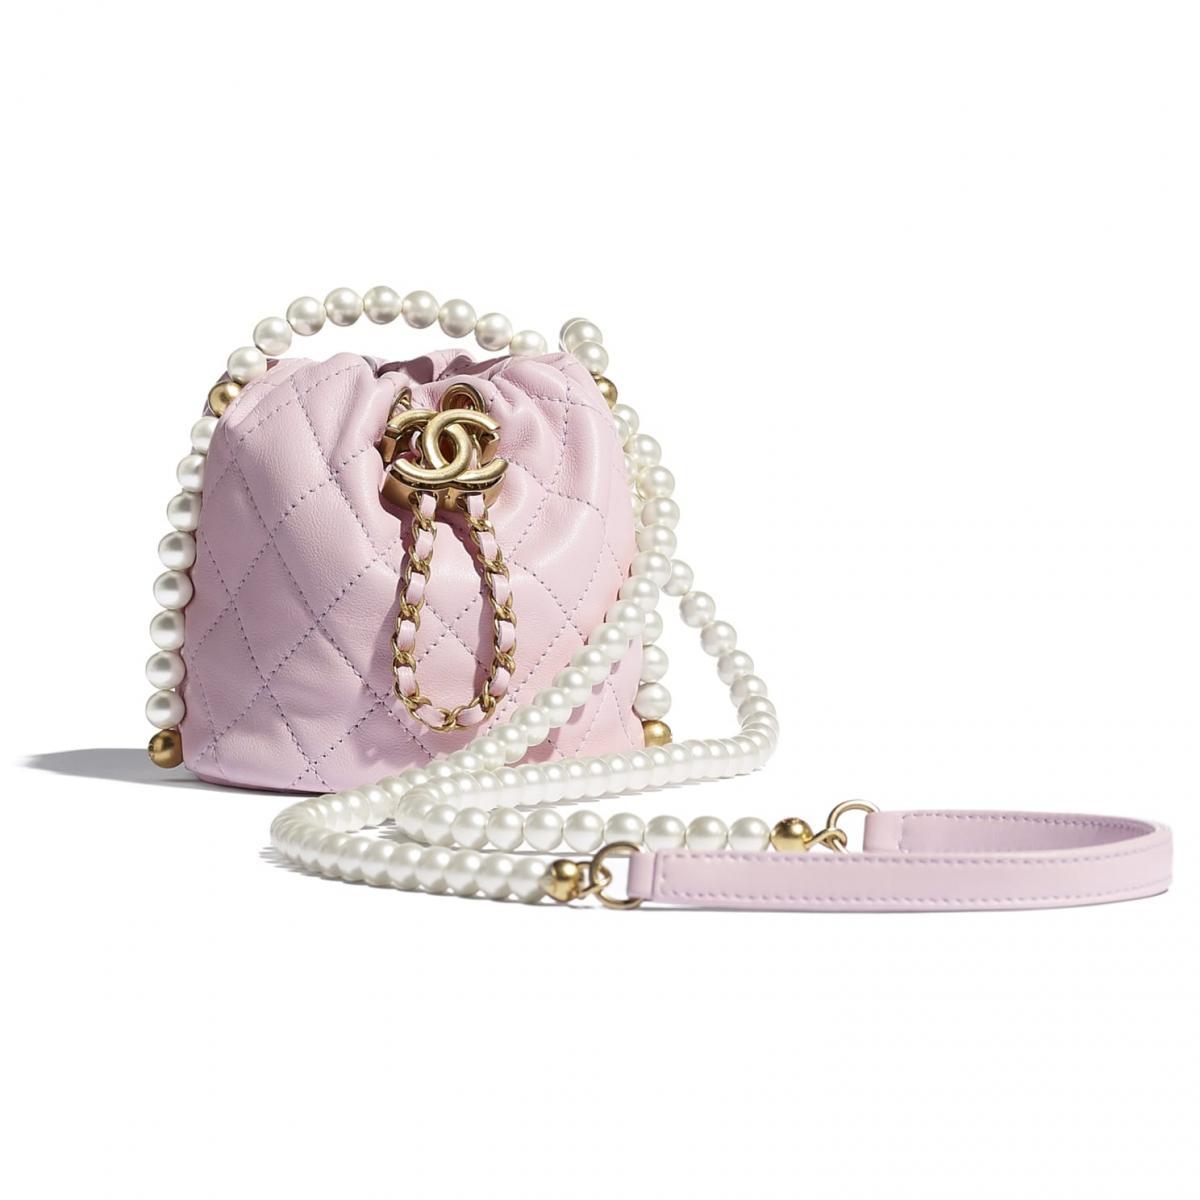 2021年Chanel春夏包包「寶寶粉」推薦這8款!水桶包、圓餅包 、零錢包 .....19口蓋包有錢不一定買的到-2